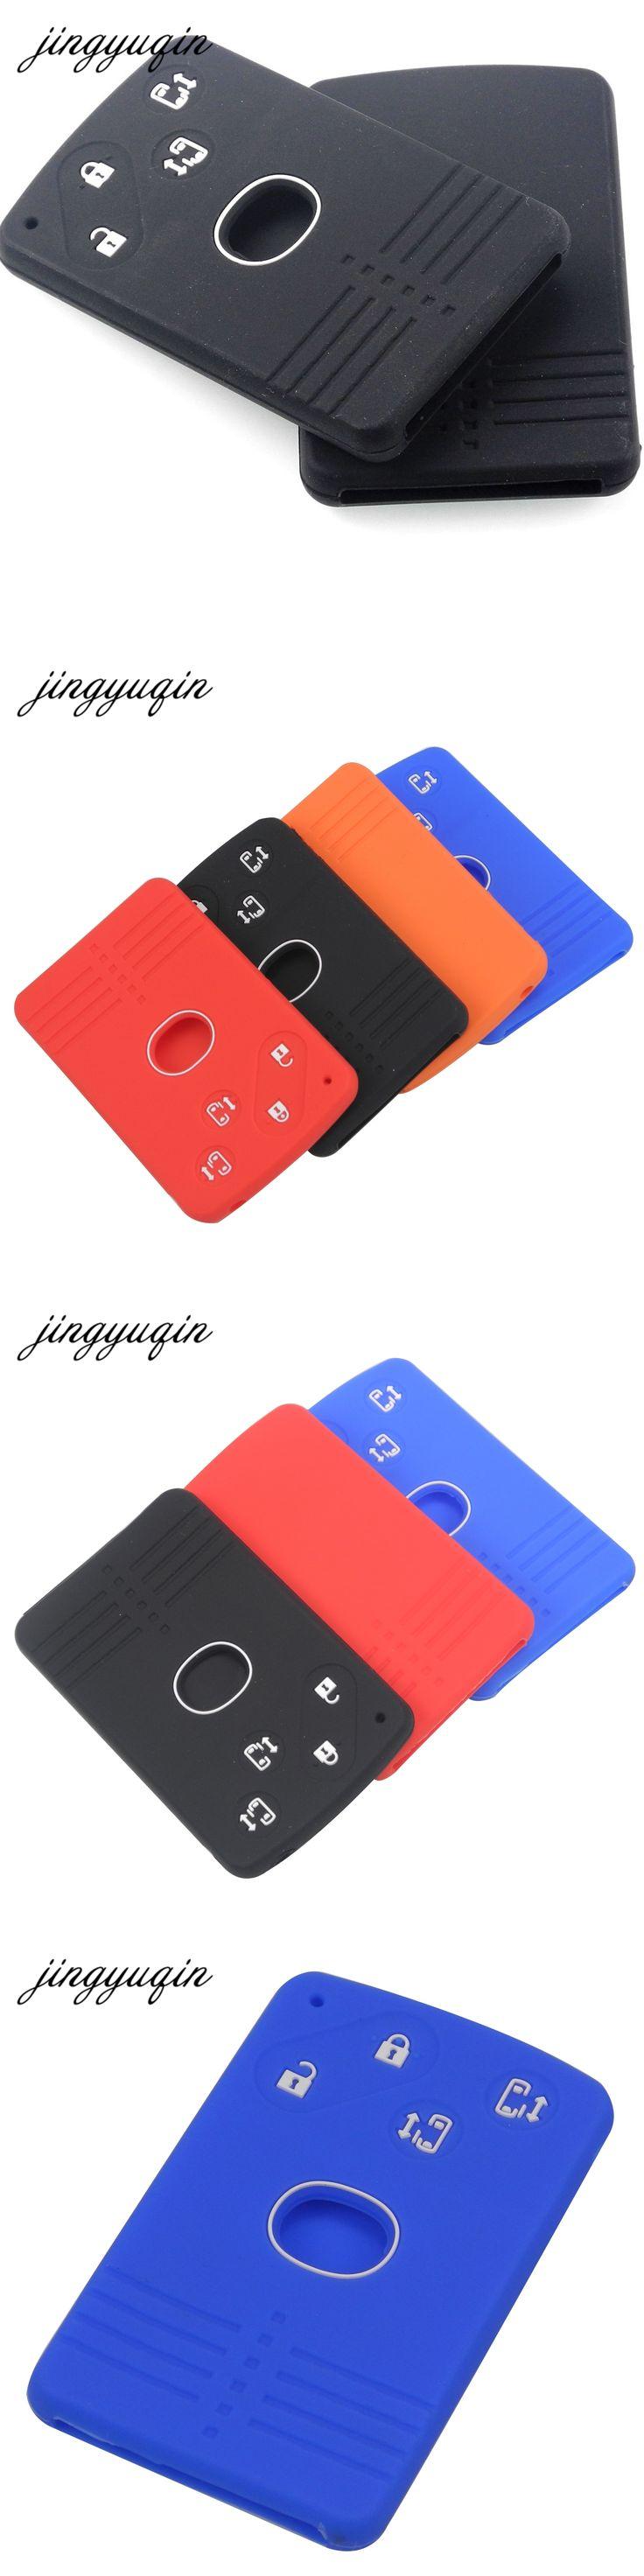 jingyuqin Silicone Rubber Car Key Fob Cover for Mazda 5 6 8 M8 CX-7 CX-9 Smart Card Remote Key 4 Button Case Skin Protector